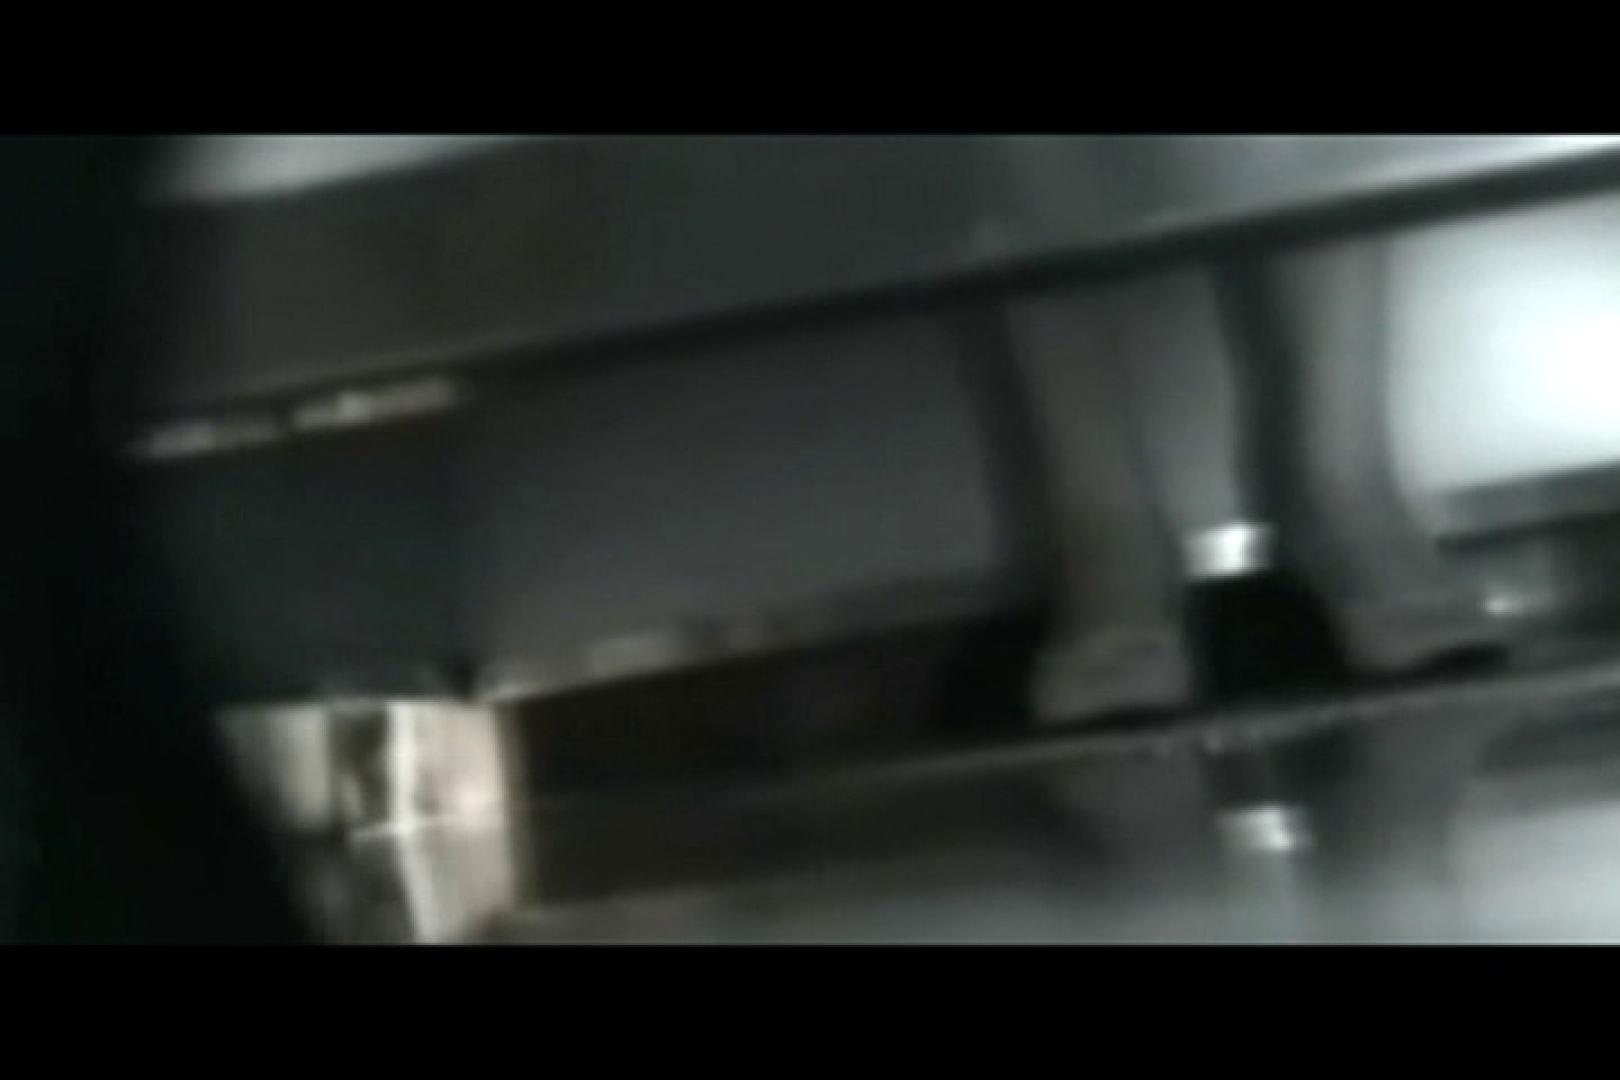 ぼっとん洗面所スペシャルVol.18 おまんこ無修正 | 洗面所はめどり  76画像 40